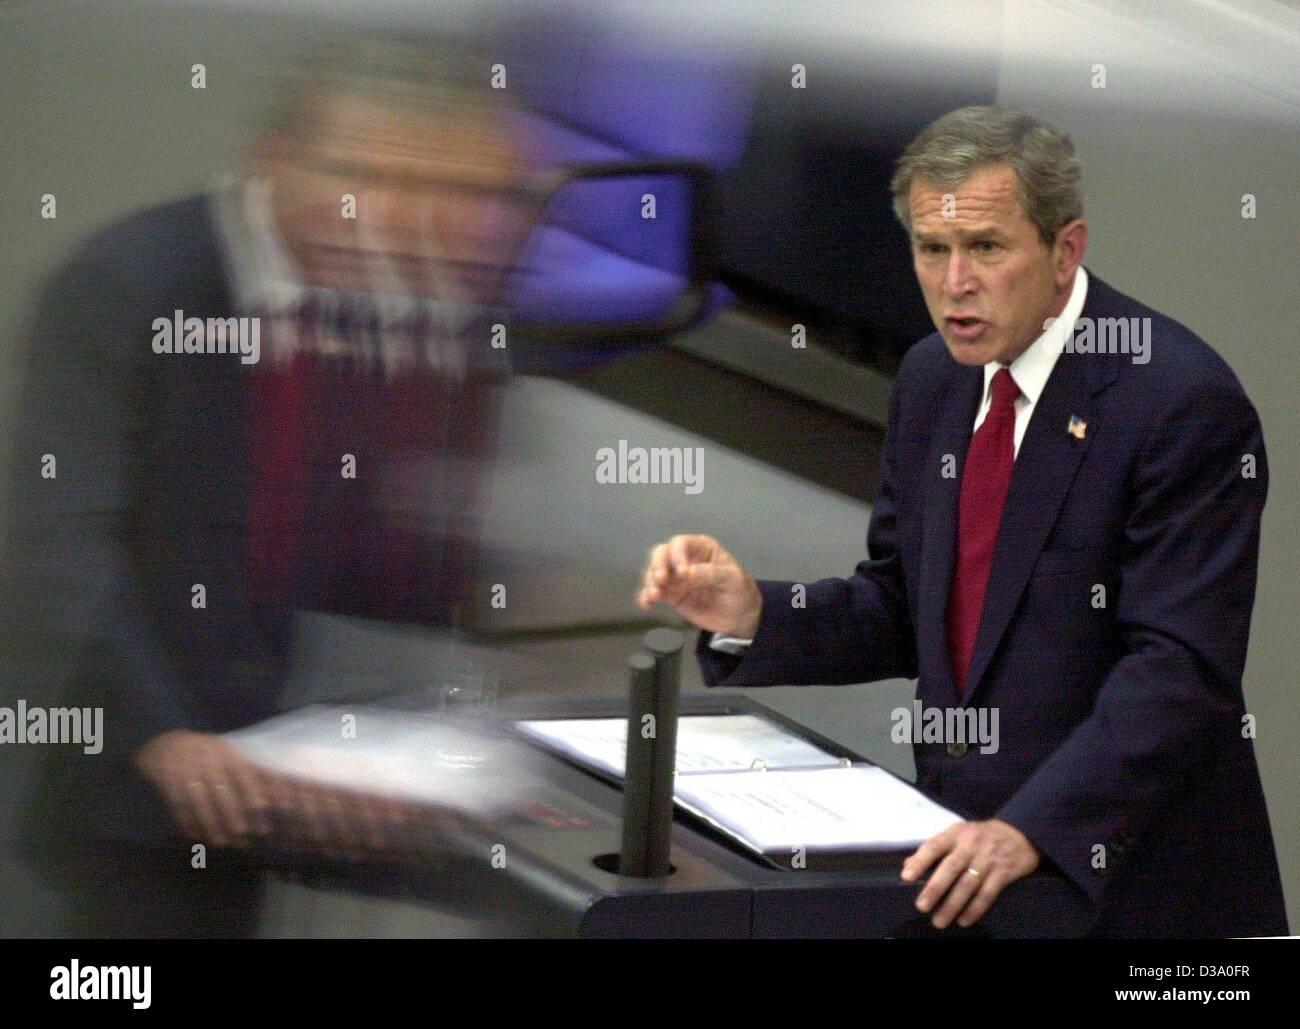 """(Afp) - Le président américain George W. Bush livre son discours en parlement allemand, le Bundestag, à Berlin, 23 mai 2002. Il a appelé à une apparence européenne conjointe contre les """"ennemis de la liberté"""". Bush est venu sur une visite d'une semaine en Europe, l'Allemagne étant son premier arrêt. Banque D'Images"""